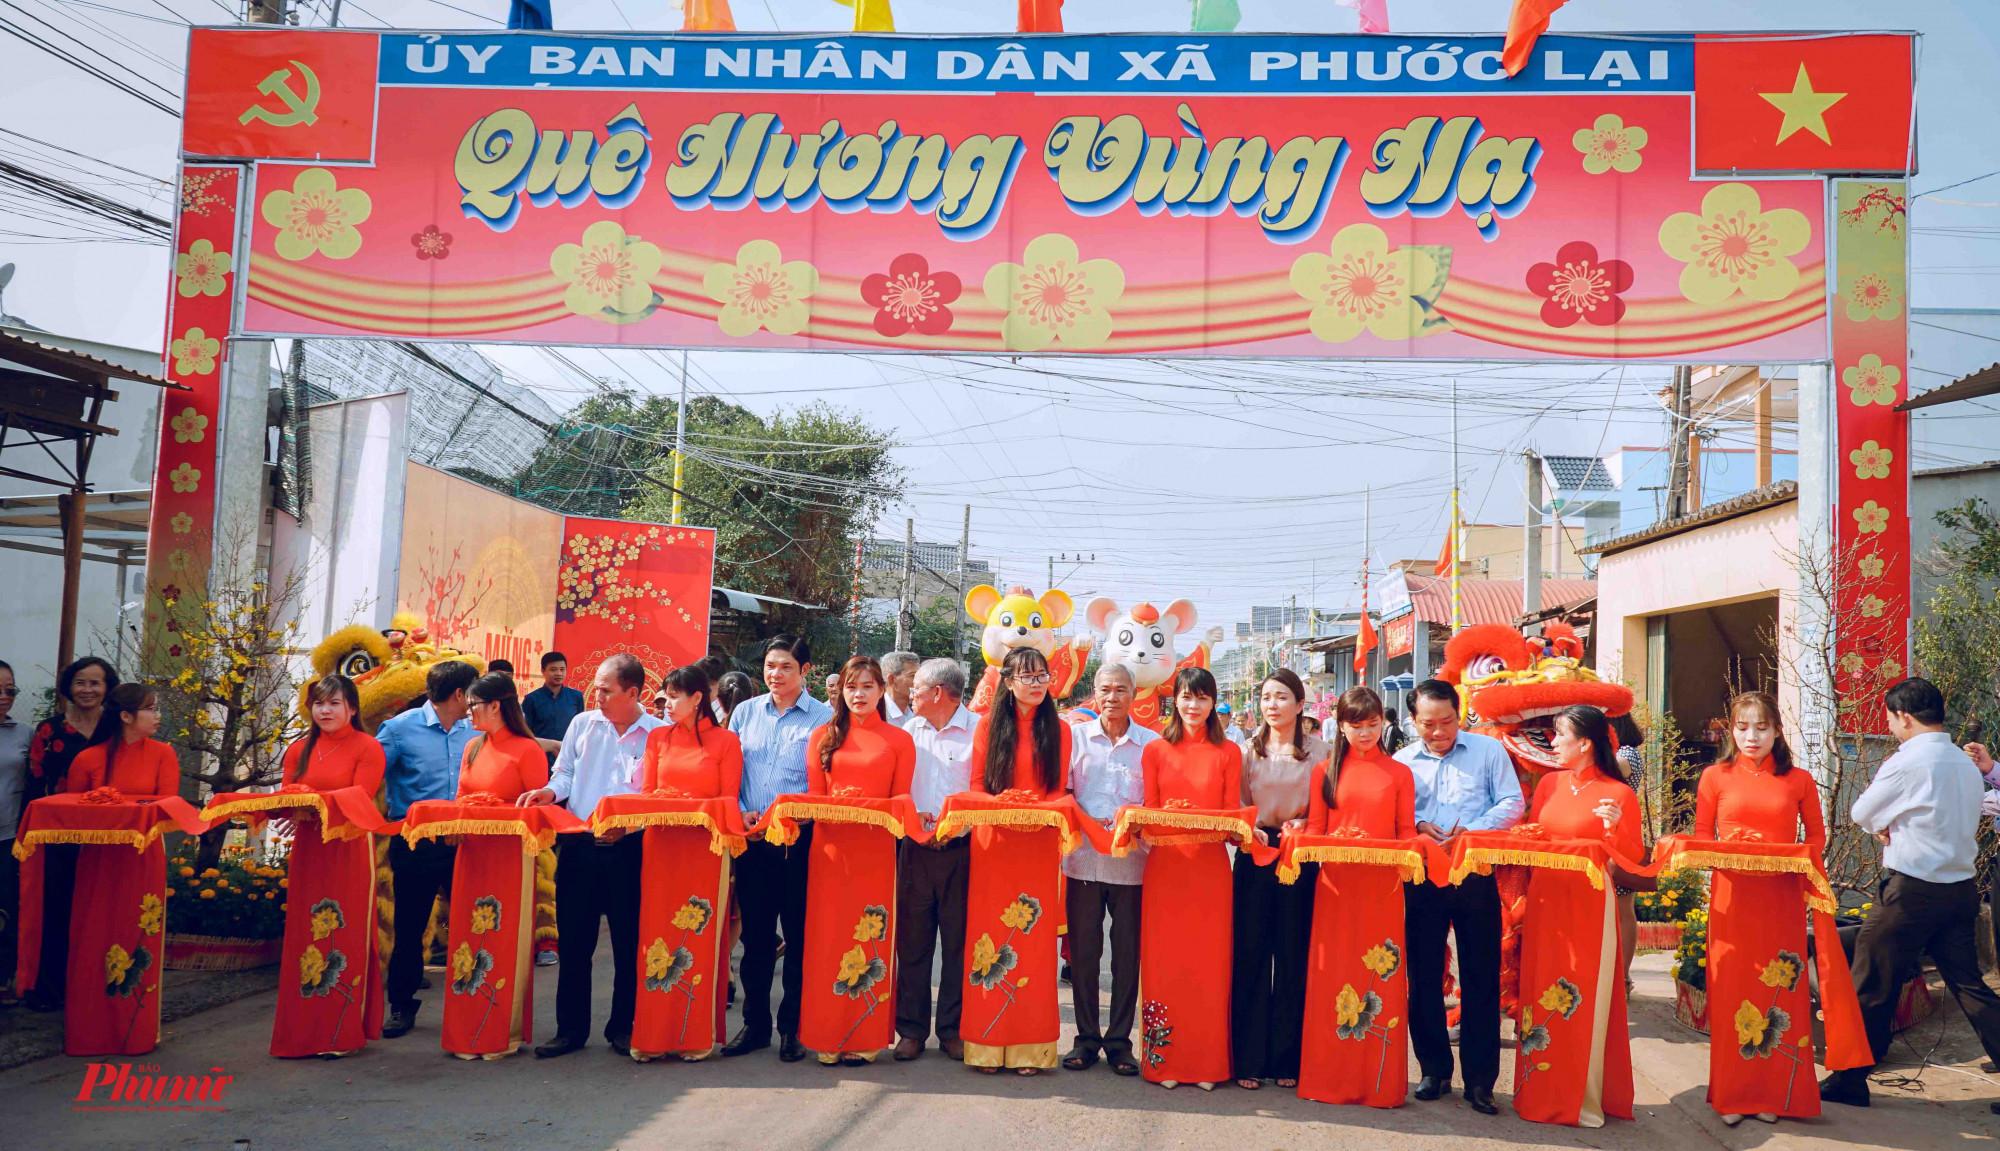 Cắt băng khánh thành đường hoa tại xã Phước Lại phục vụ người dân vui xuân đón Tết